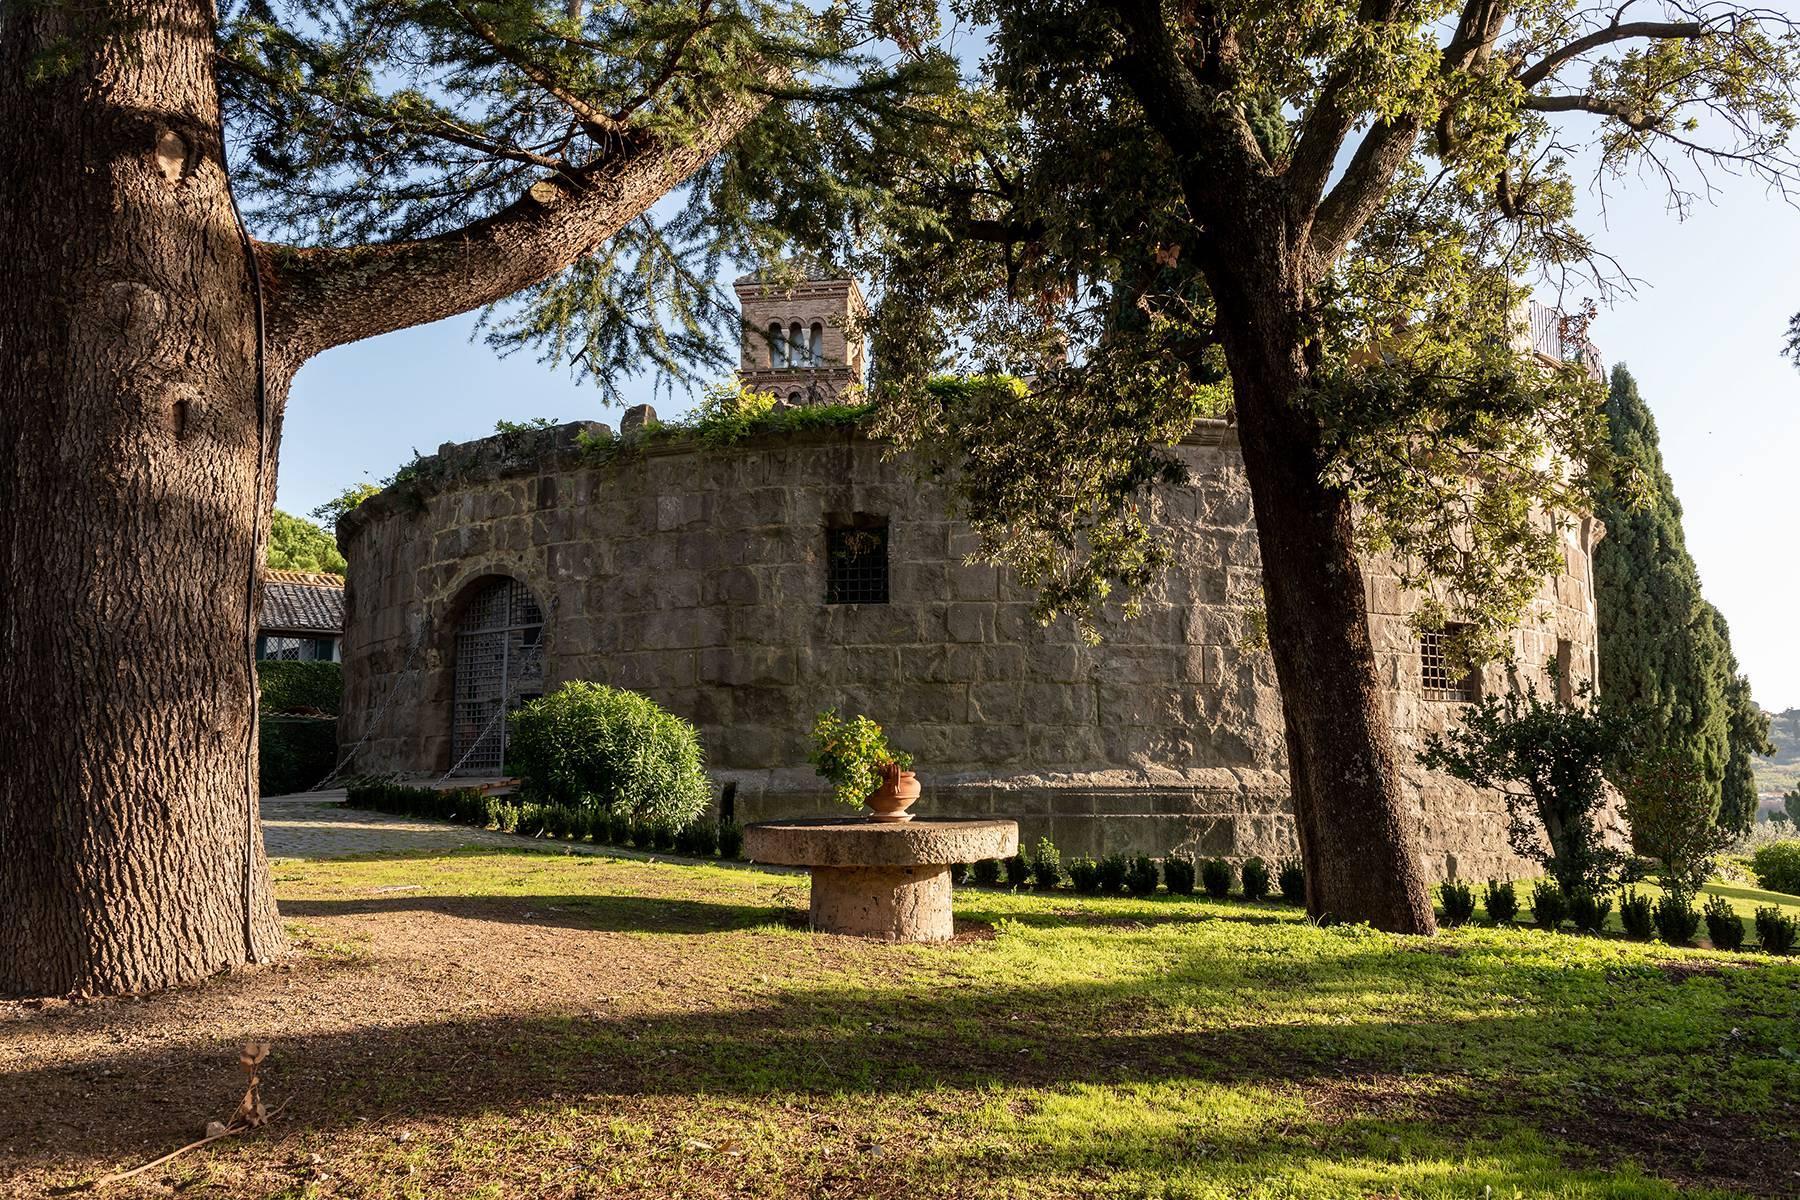 Kloster aus dem dreizehnten Jahrhunderts in der Nähe Roms - 2